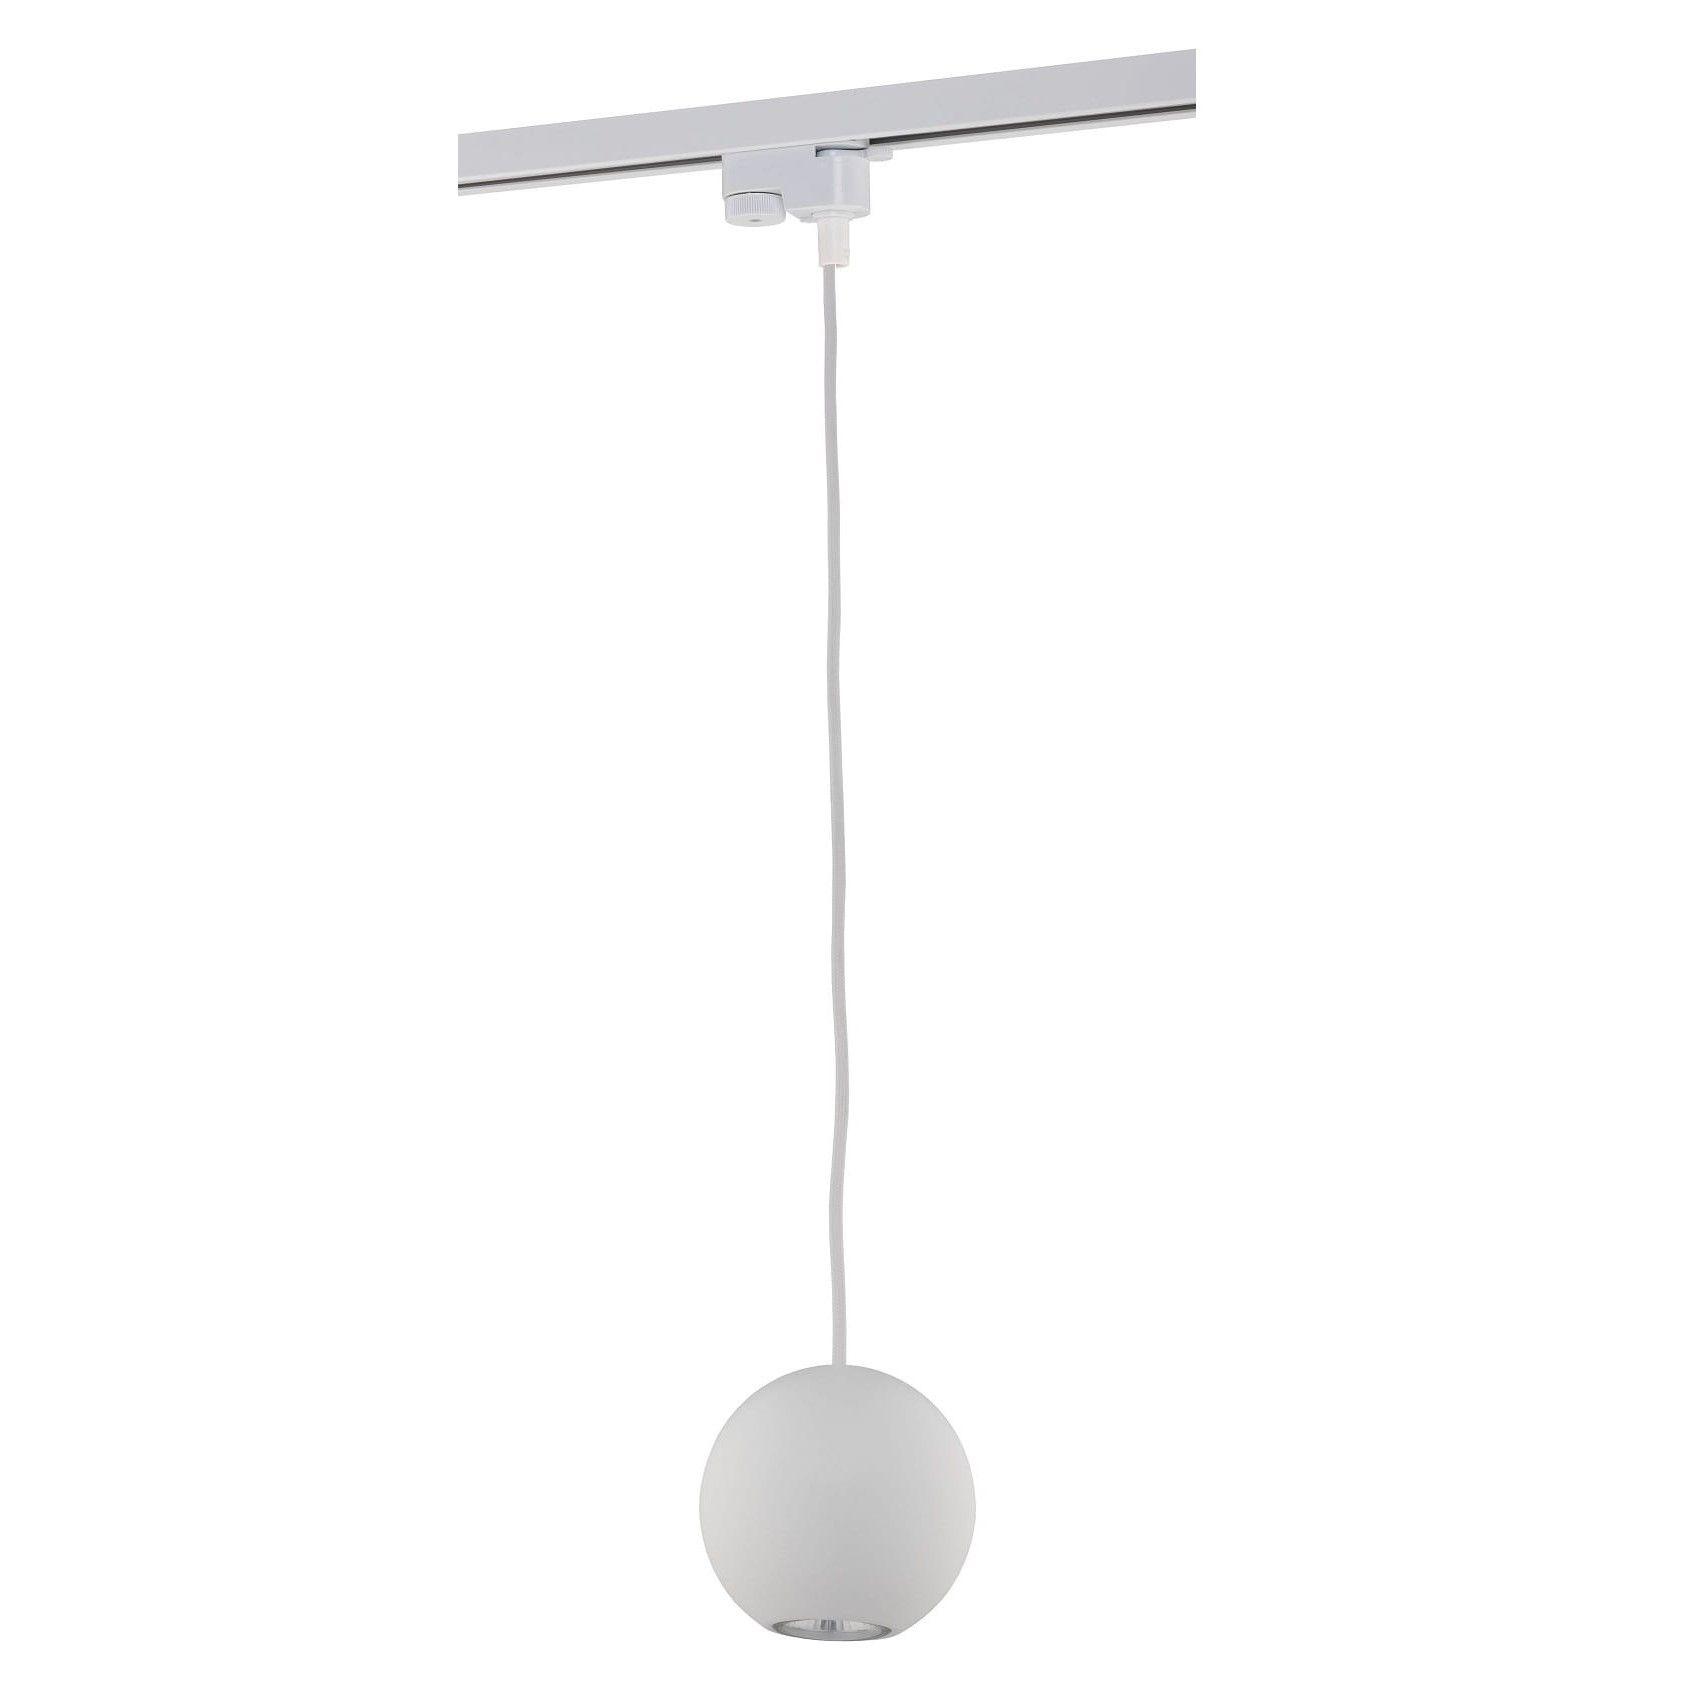 biała lampa w montażu szynowym